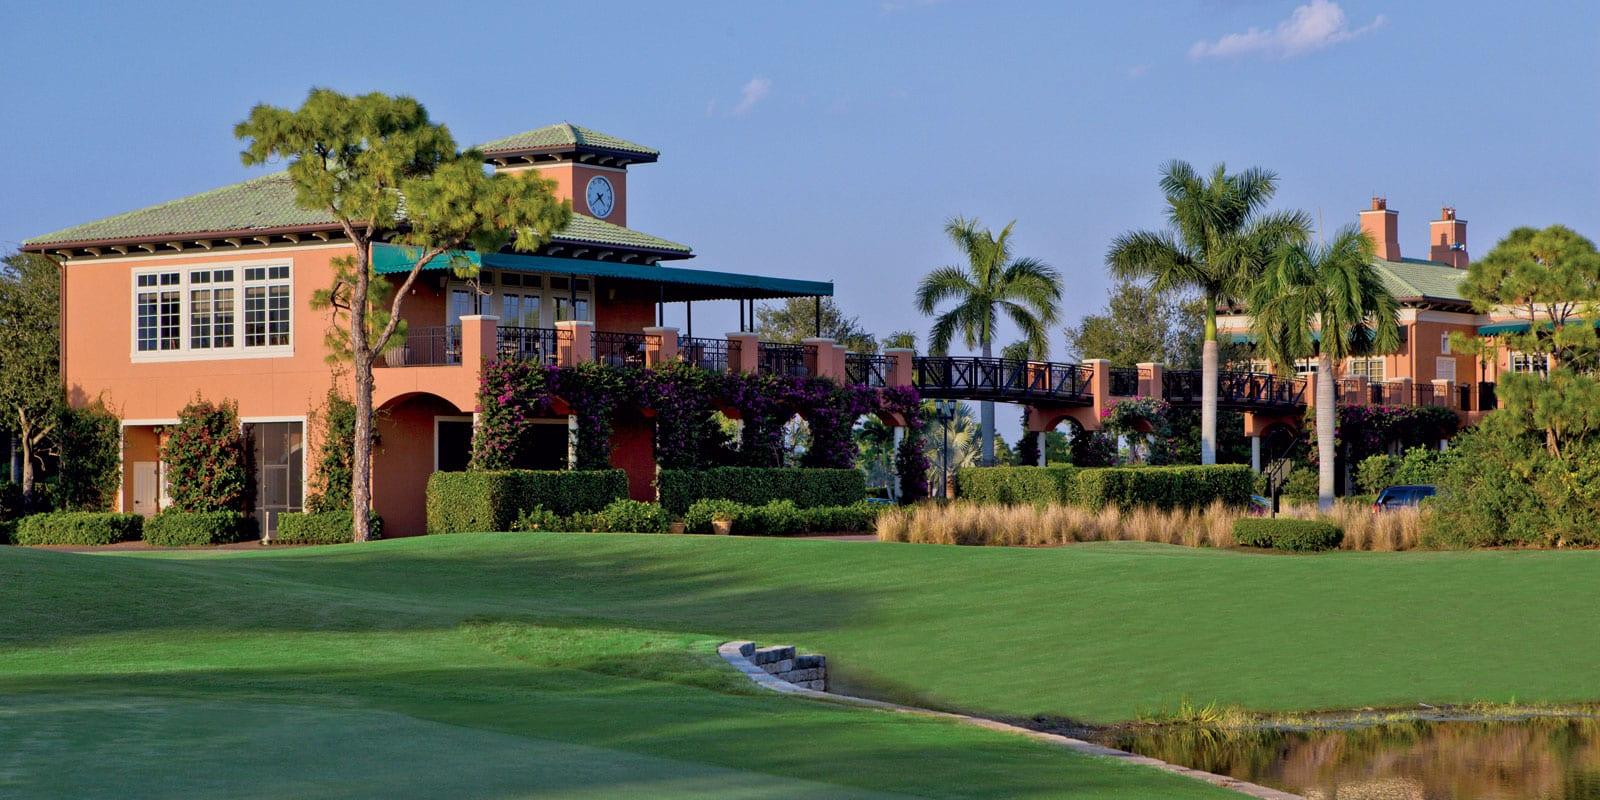 West Bay Beach & Golf Club Product Shots